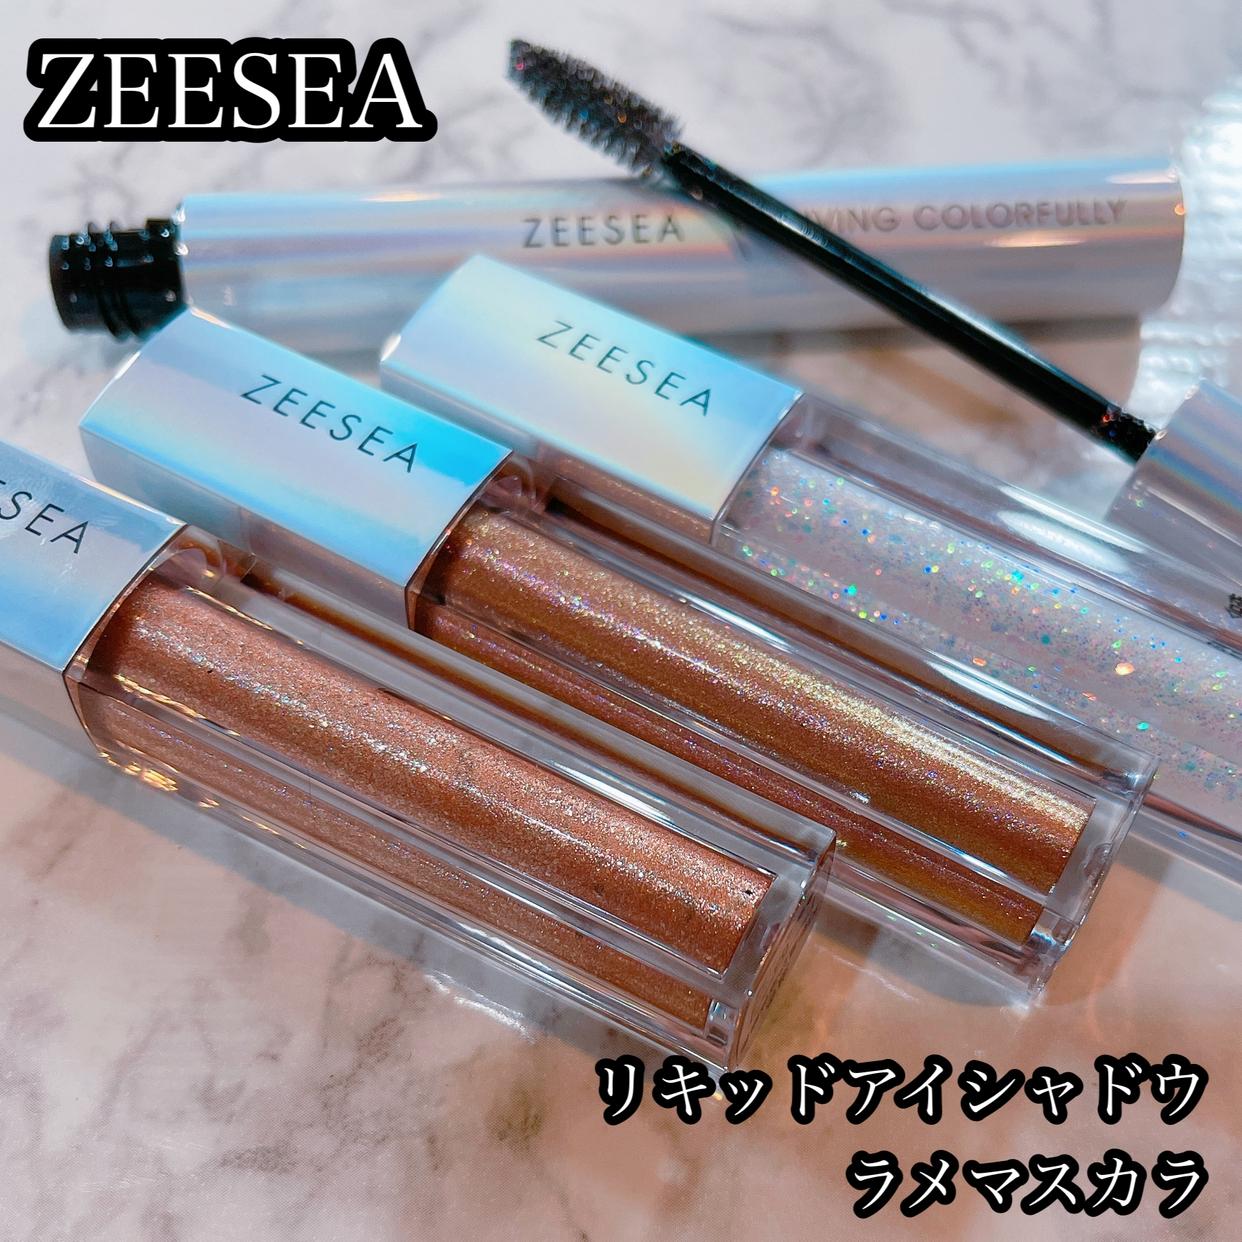 ZEESEA(ズーシー) ダイヤモンドシリーズ カラーマスカラの良い点・メリットに関するchamaru222さんの口コミ画像1